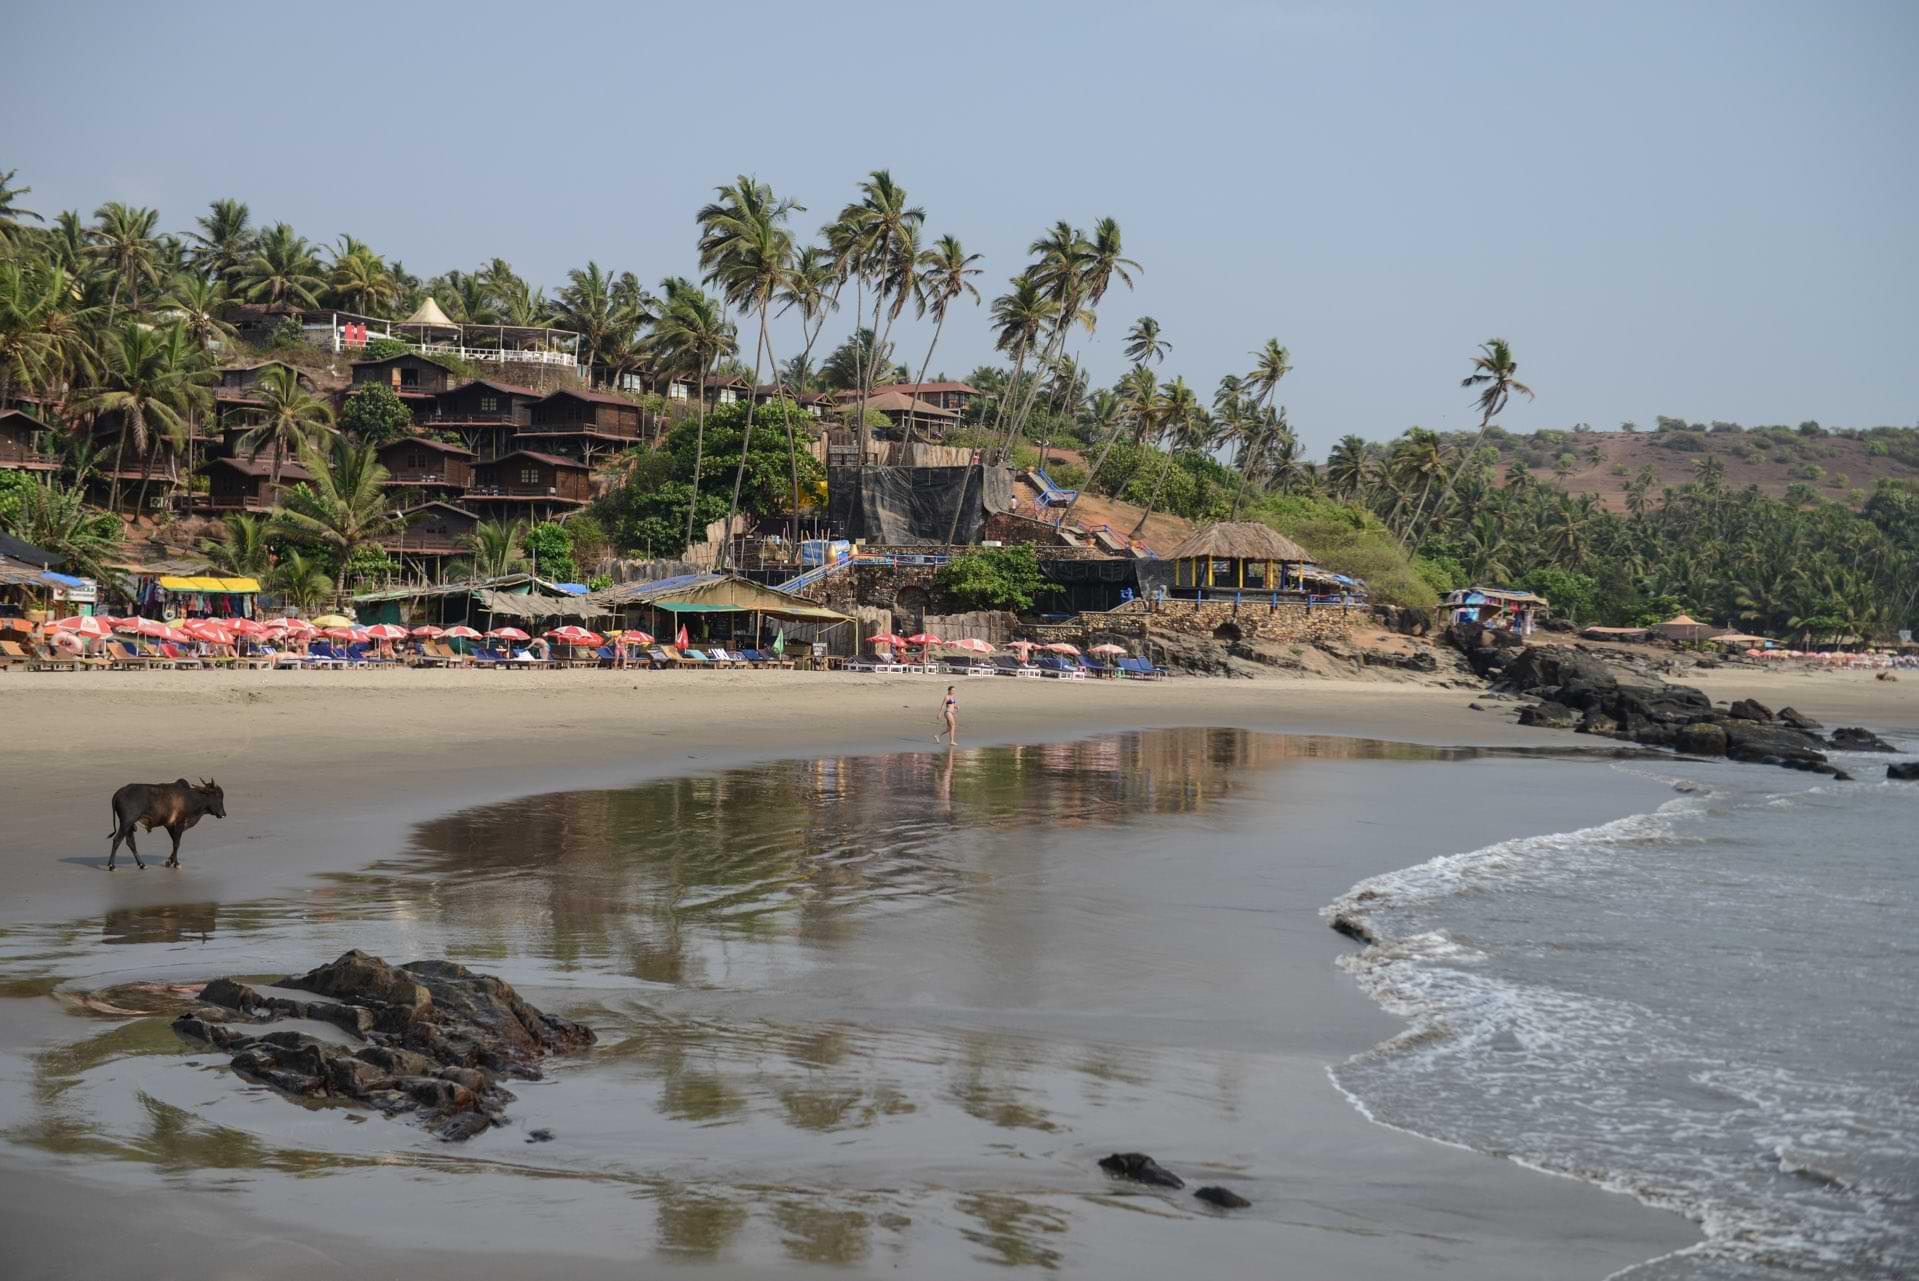 Vagator Beach, Ozran Beach, Little Vagator Beach, Goa Beach Guide, die schönsten Strände von Norden nach Süden, Strand, best beaches, Nordgoa, Südgoa, Indien, India, Beach-Hopping, Reisen mit Kindern, Indien mit Kindern, Südasien, Bilder, Fotos, Reiseberichte, www.wo-der-pfeffer-waechst.de